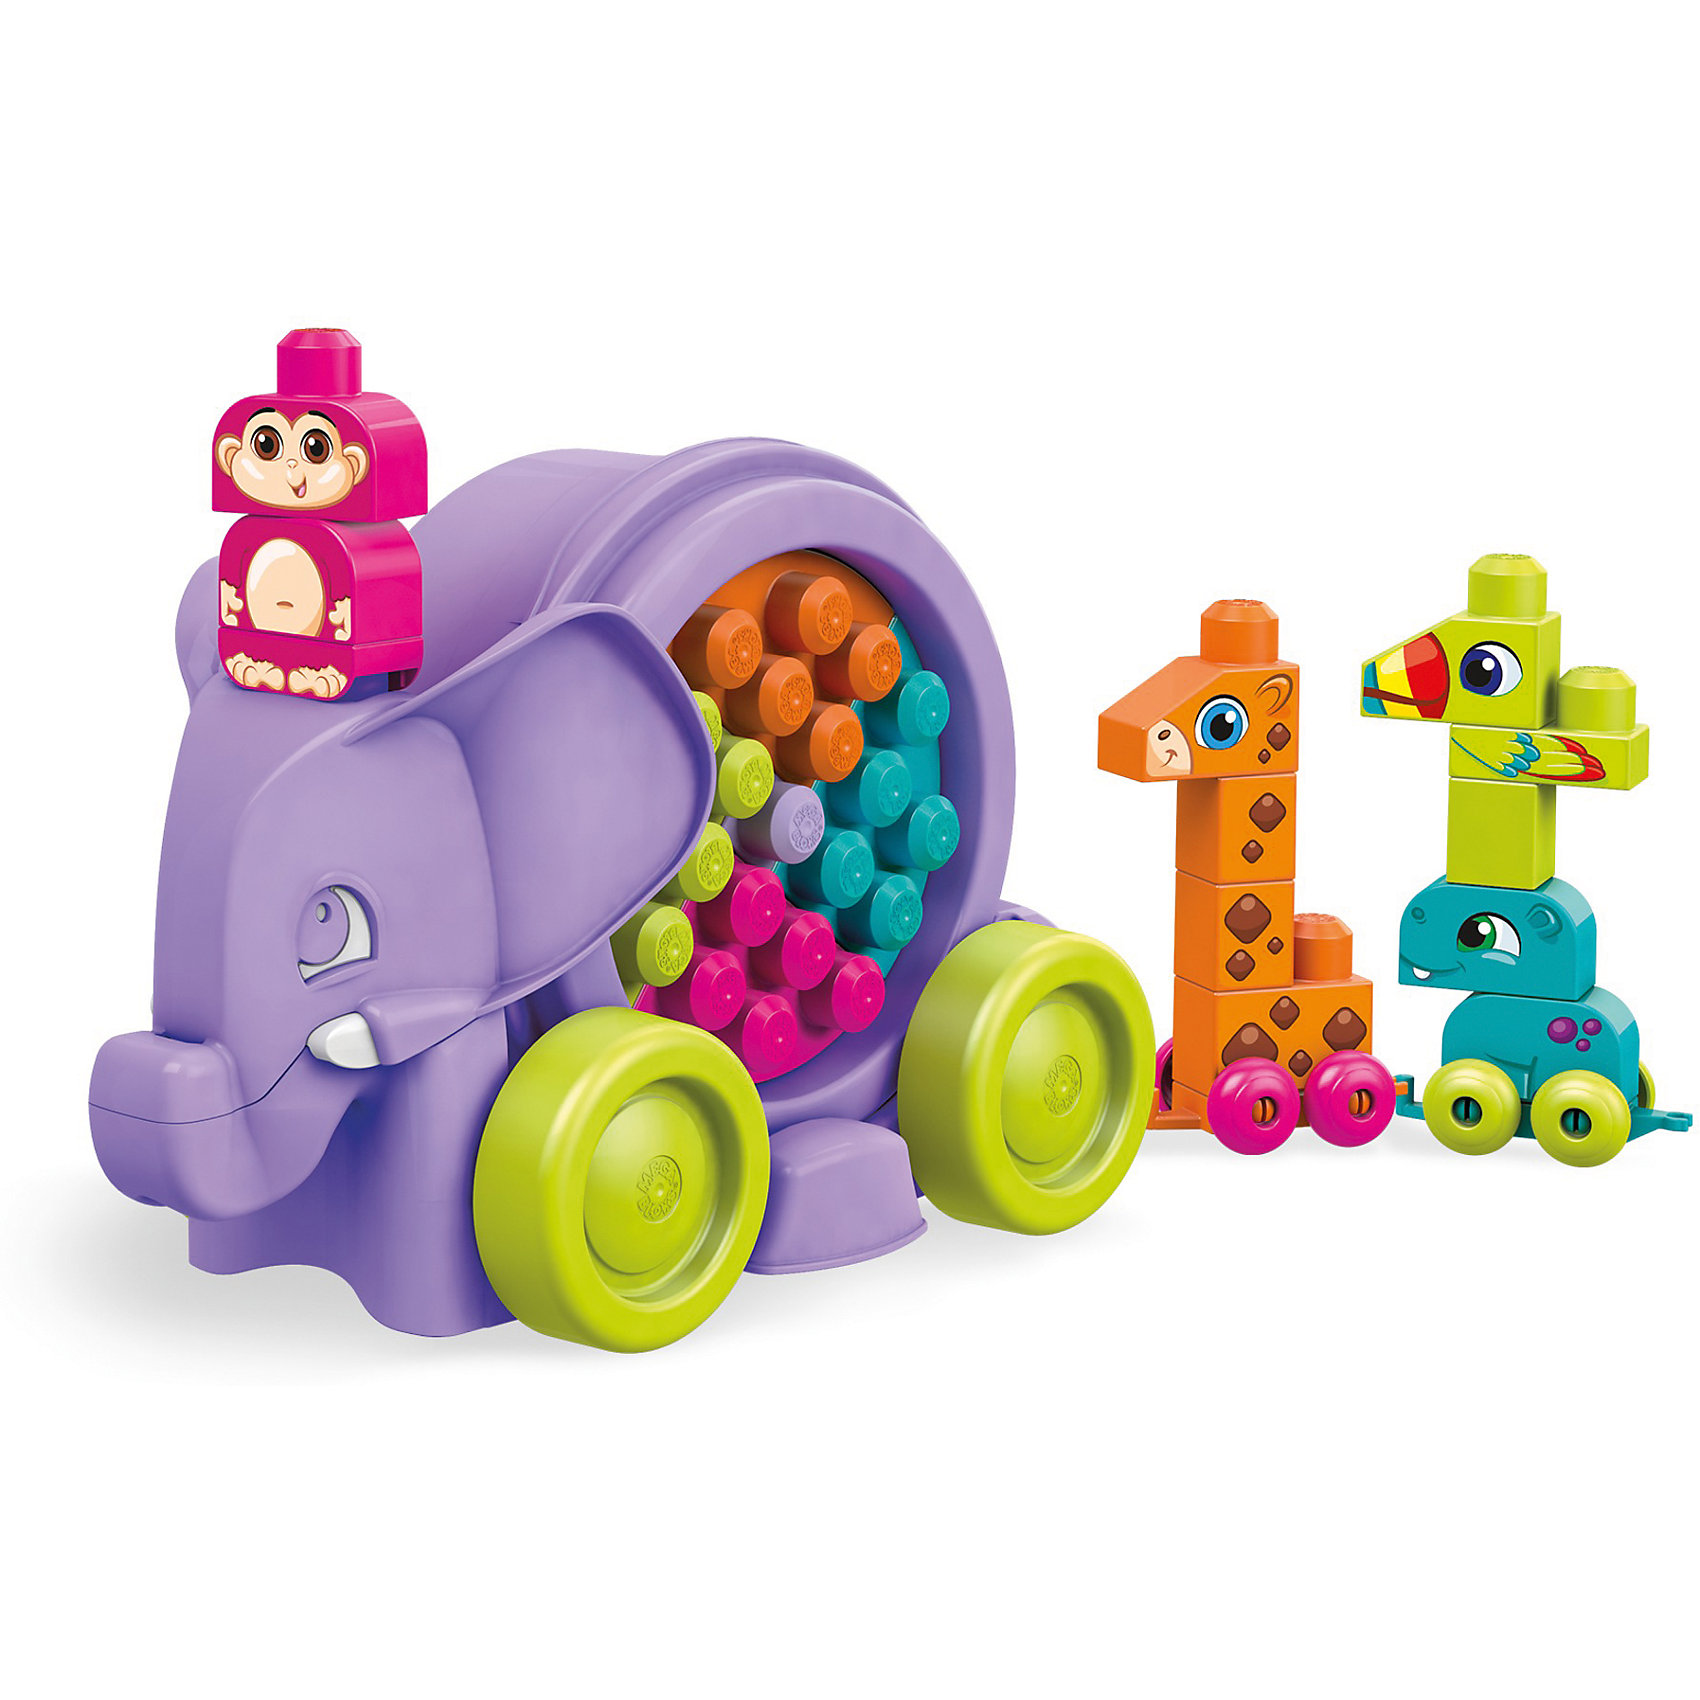 Конструктор MEGA BLOKS Неуклюжий слонКонструкторы для малышей<br>Характеристики товара:<br><br>• возраст от 1 года;<br>• материал: пластик;<br>• размер упаковки 29X40,5X20,5 см;<br>• вес упаковки 430 гр.;<br>• страна бренда: США<br>• страна производитель: Китай.<br><br>Толкай слона вперед, и внутри большого барабана будут крутиться разноцветные кубики. Выбирай набор ярких или нежных цветов. Открой барабан и используй крышку, чтобы собрать на ней бегемота, обезьянку, тукана и жирафа, подбирая для каждого животного правильный цвет. <br><br>Поставь всех животных за слоном и соедини их друг с другом: получится парад животных на колесиках! Когда парад закончен, можно быстро и легко собрать все игрушки обратно в барабан!<br><br>Слона на колесах с крутящимся барабаном, наполненным кубиками можно купить в нашем интернет-магазине.<br><br>Ширина мм: 290<br>Глубина мм: 205<br>Высота мм: 405<br>Вес г: 1496<br>Возраст от месяцев: 12<br>Возраст до месяцев: 60<br>Пол: Унисекс<br>Возраст: Детский<br>SKU: 7014842